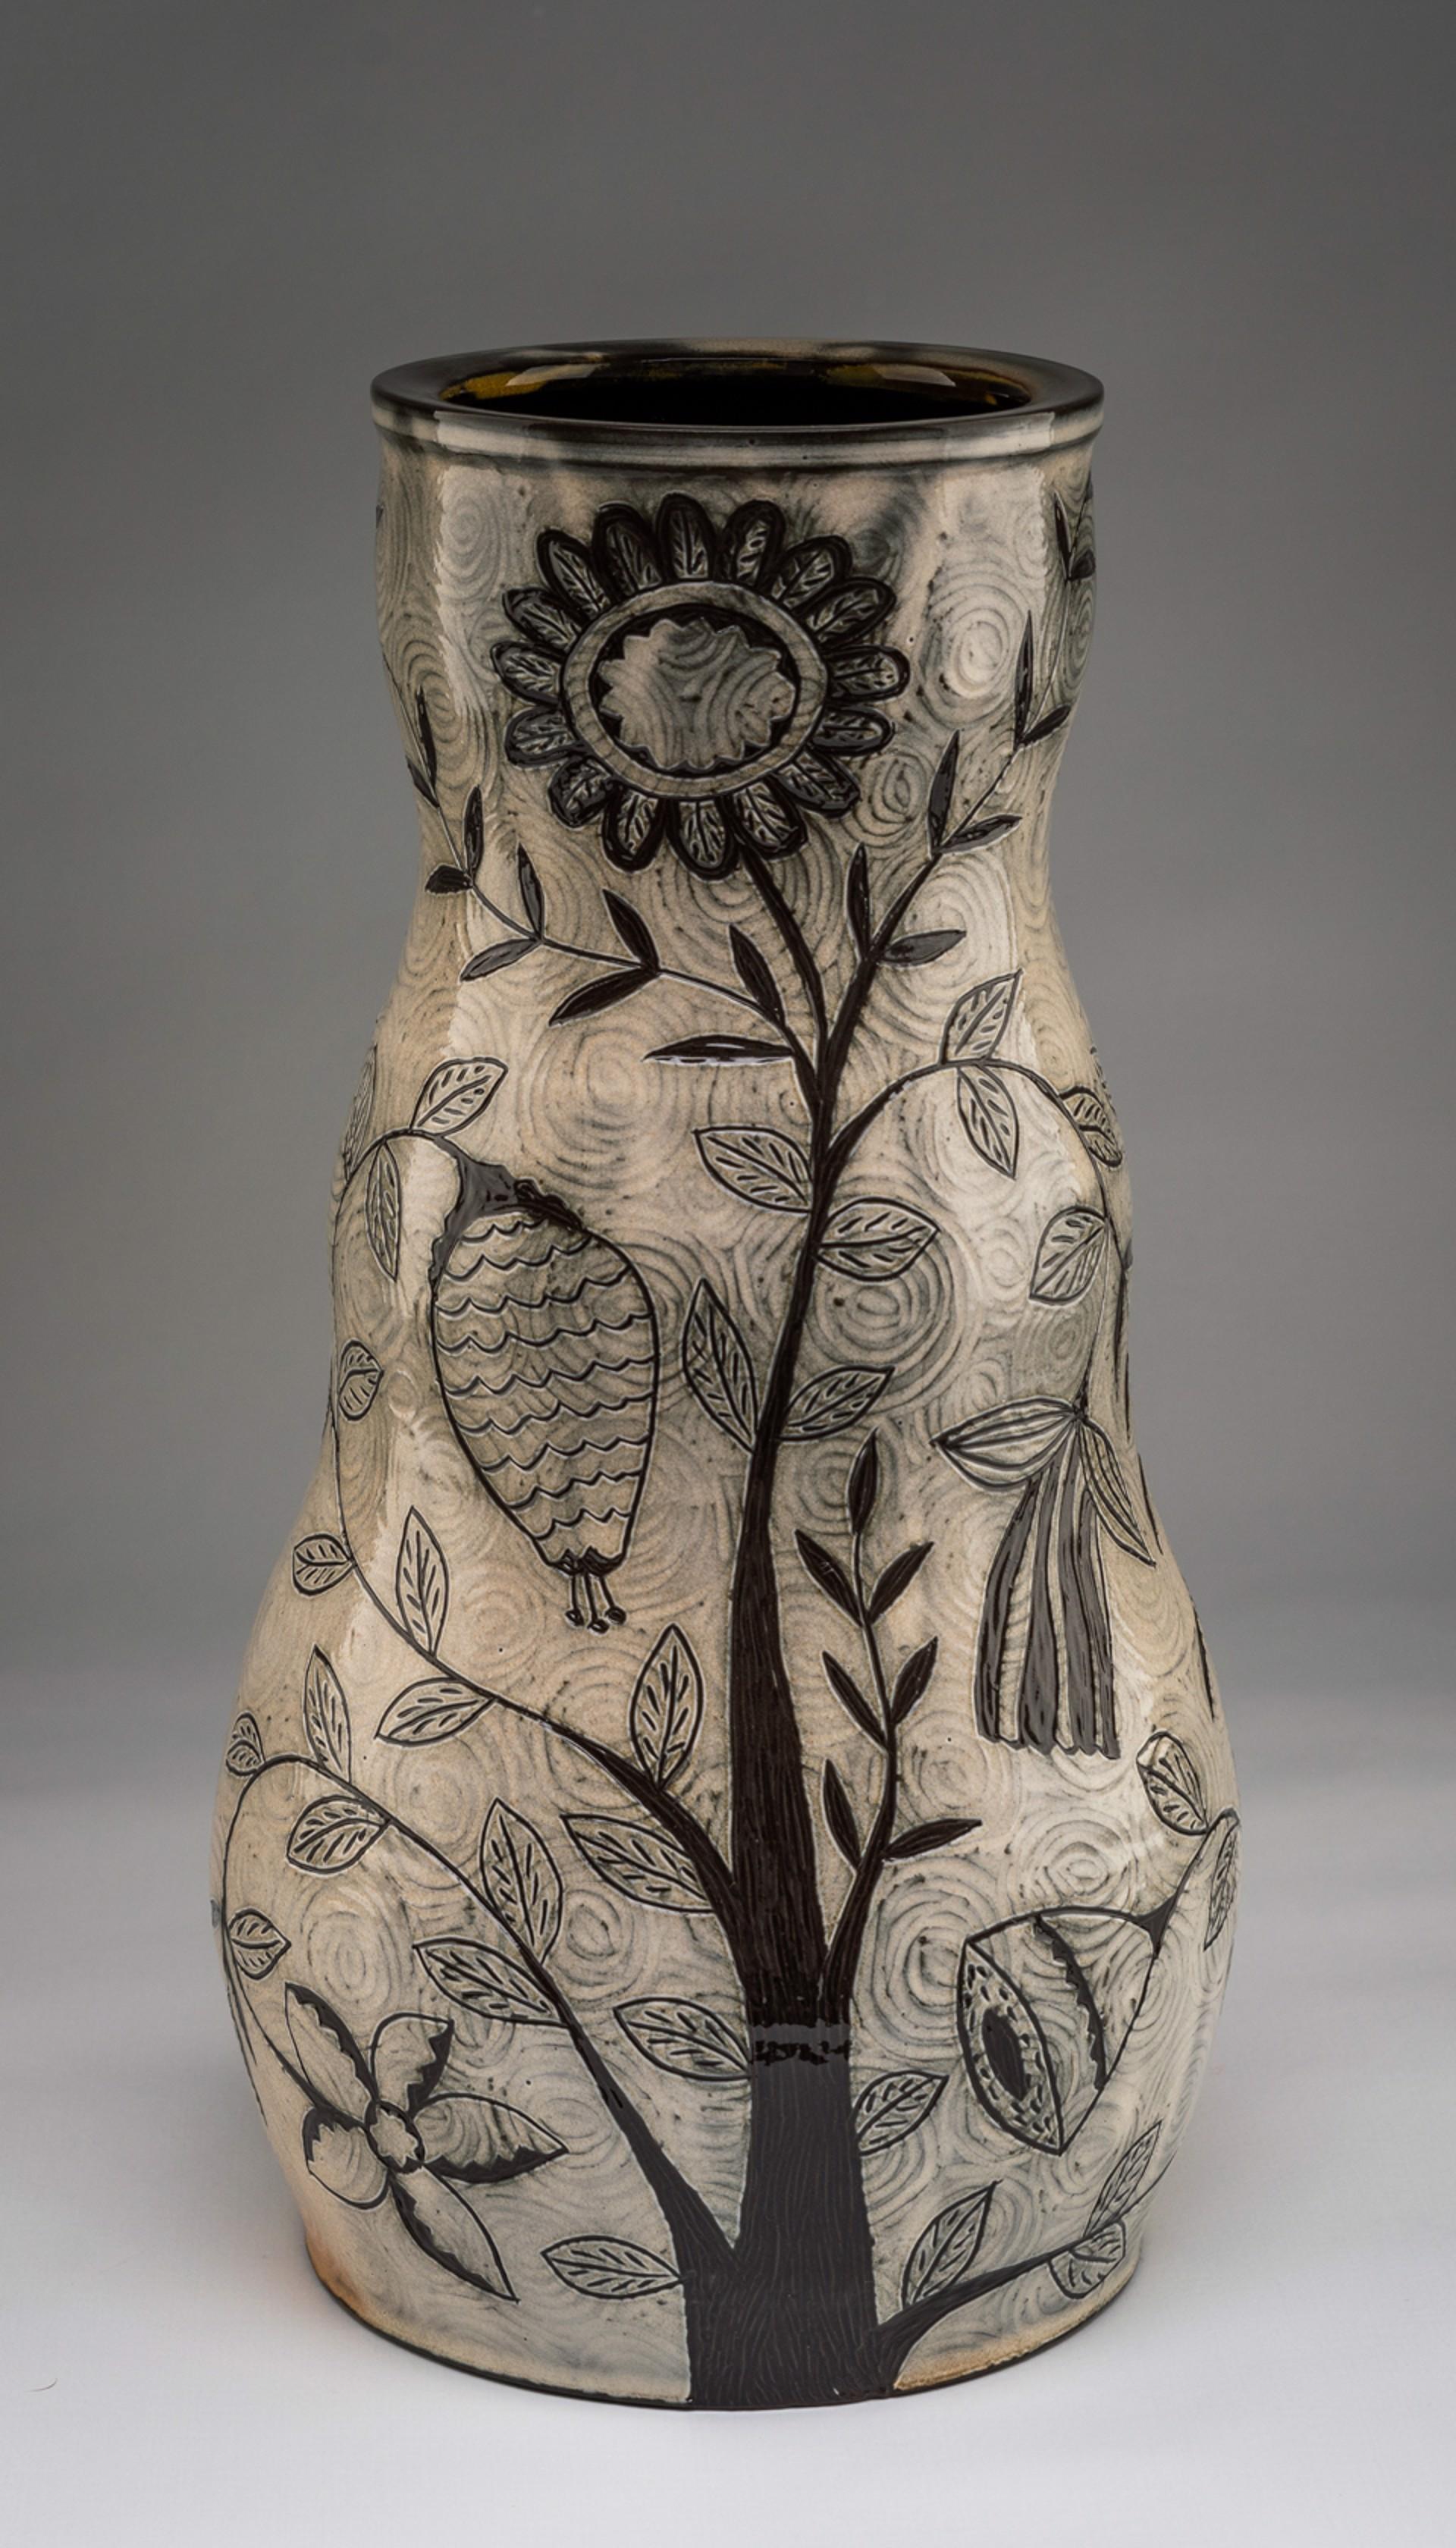 Vase by Matt Metz